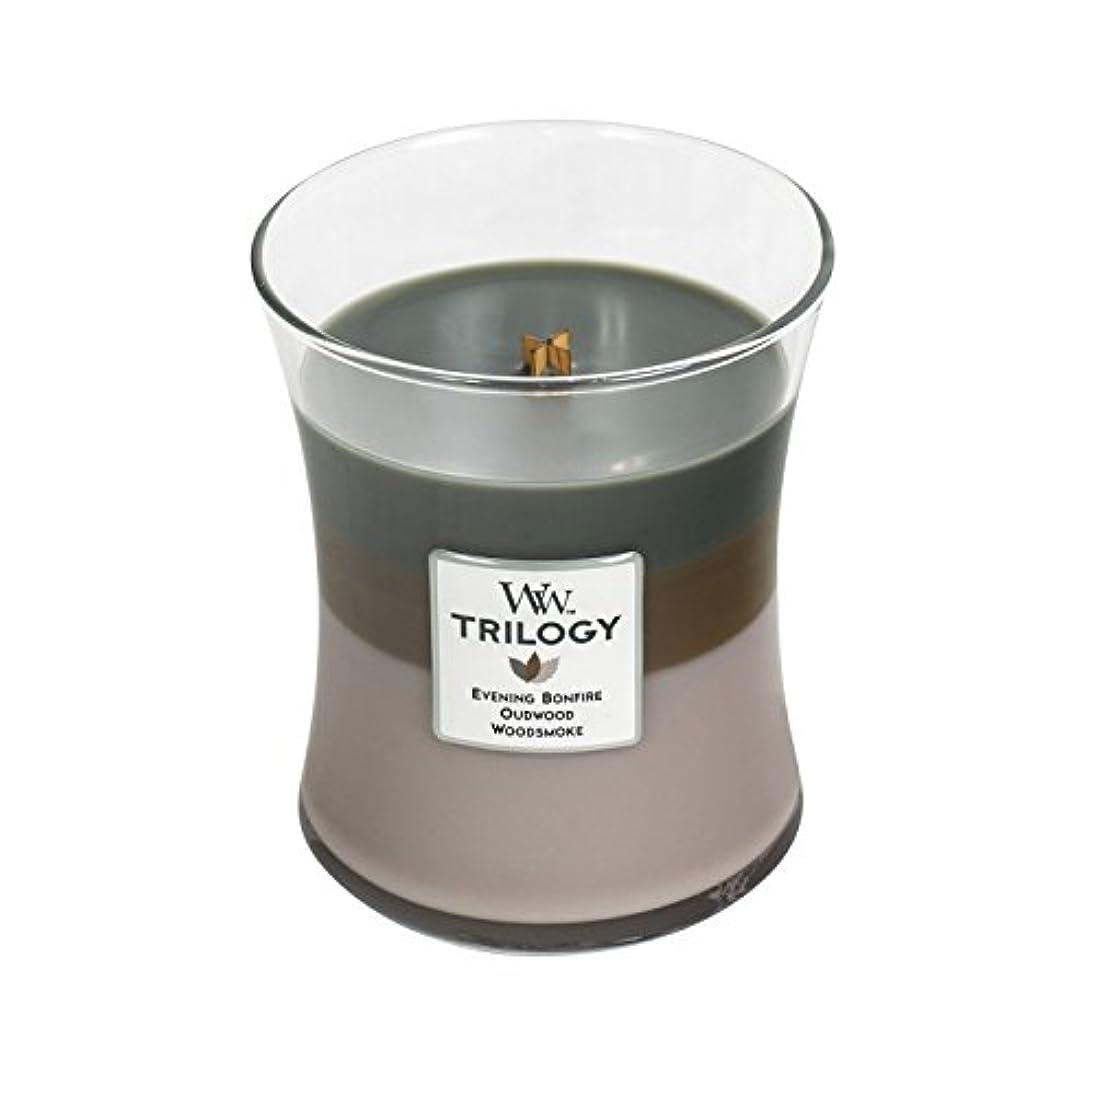 受け入れる想定するネストWoodwick Trilogy Cozy Cabin、3 - in - 1 Highly Scented Candle、クラシック砂時計Jar、Medium 4インチ、9.7 Oz